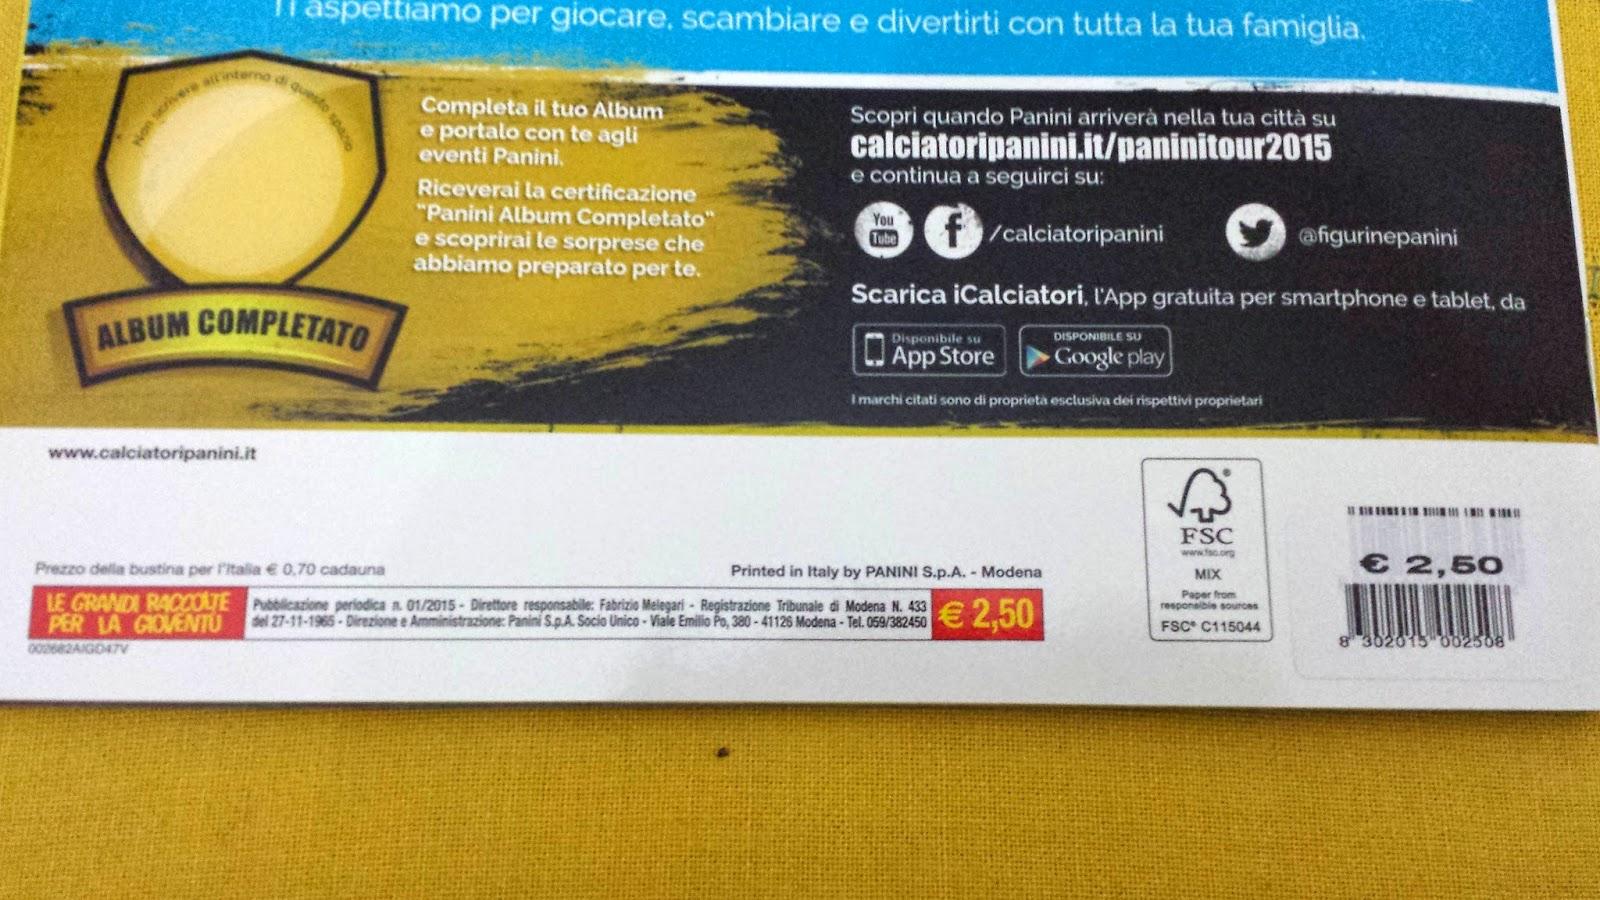 retro-album-calciatori-2014-2015-a-pagamento-versione-costola-bianca